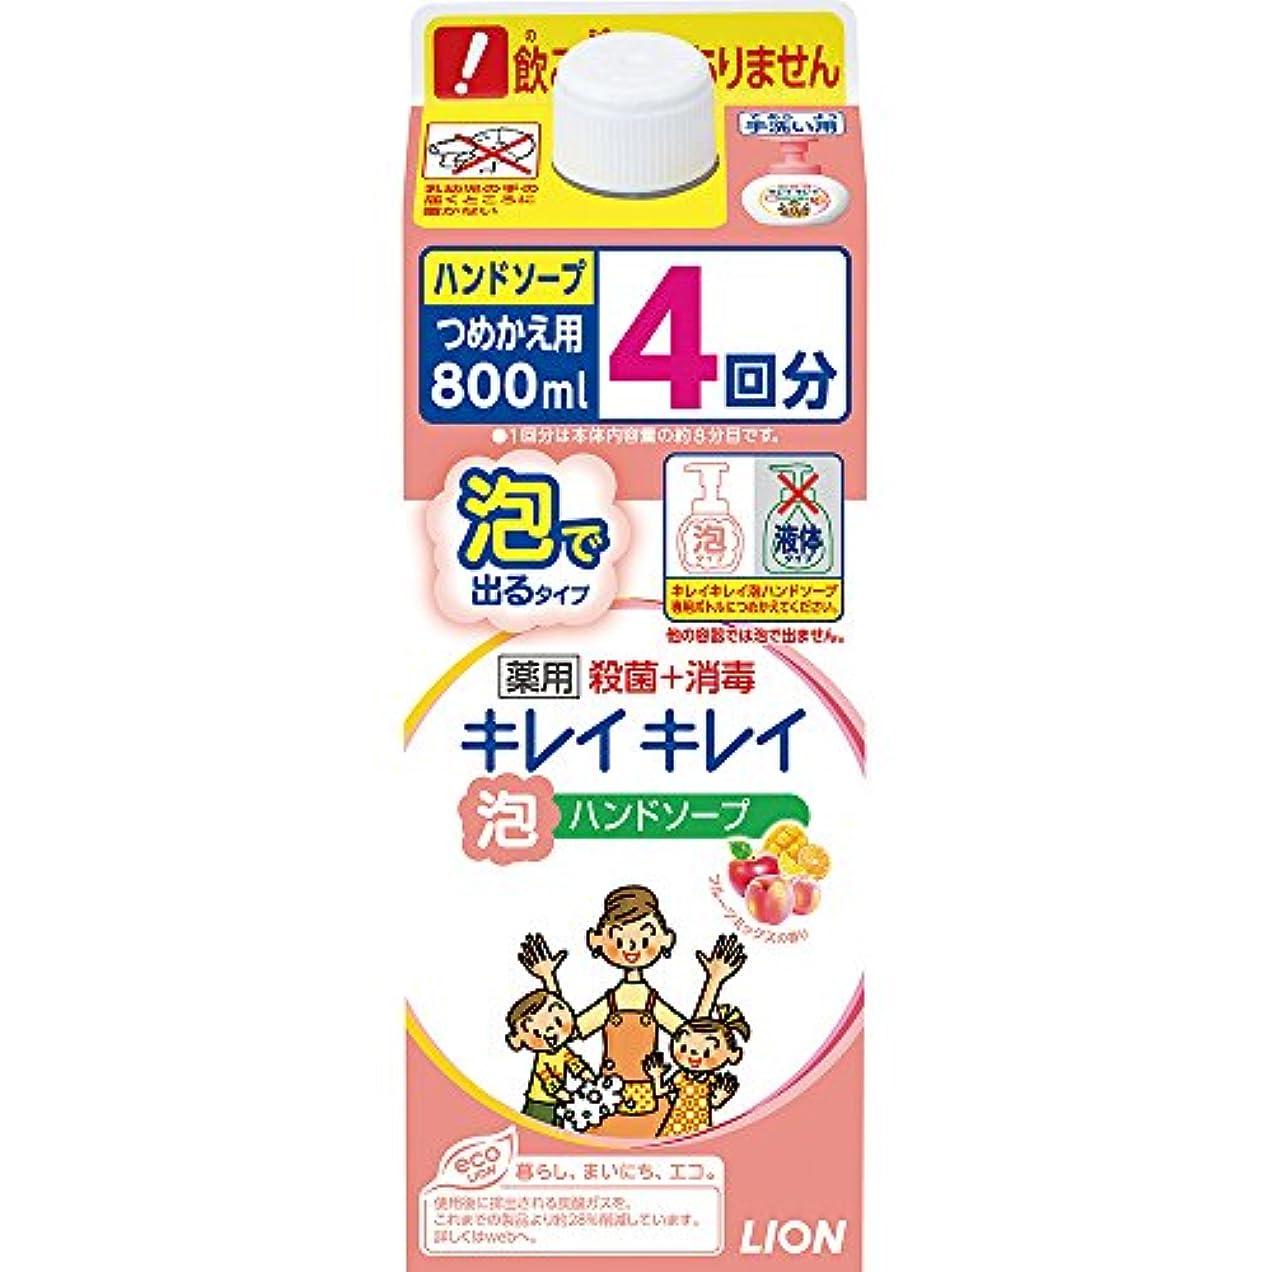 ストレス台風エクスタシーキレイキレイ 薬用 泡ハンドソープ フルーツミックスの香り 詰め替え特大サイズ 800ml(医薬部外品)